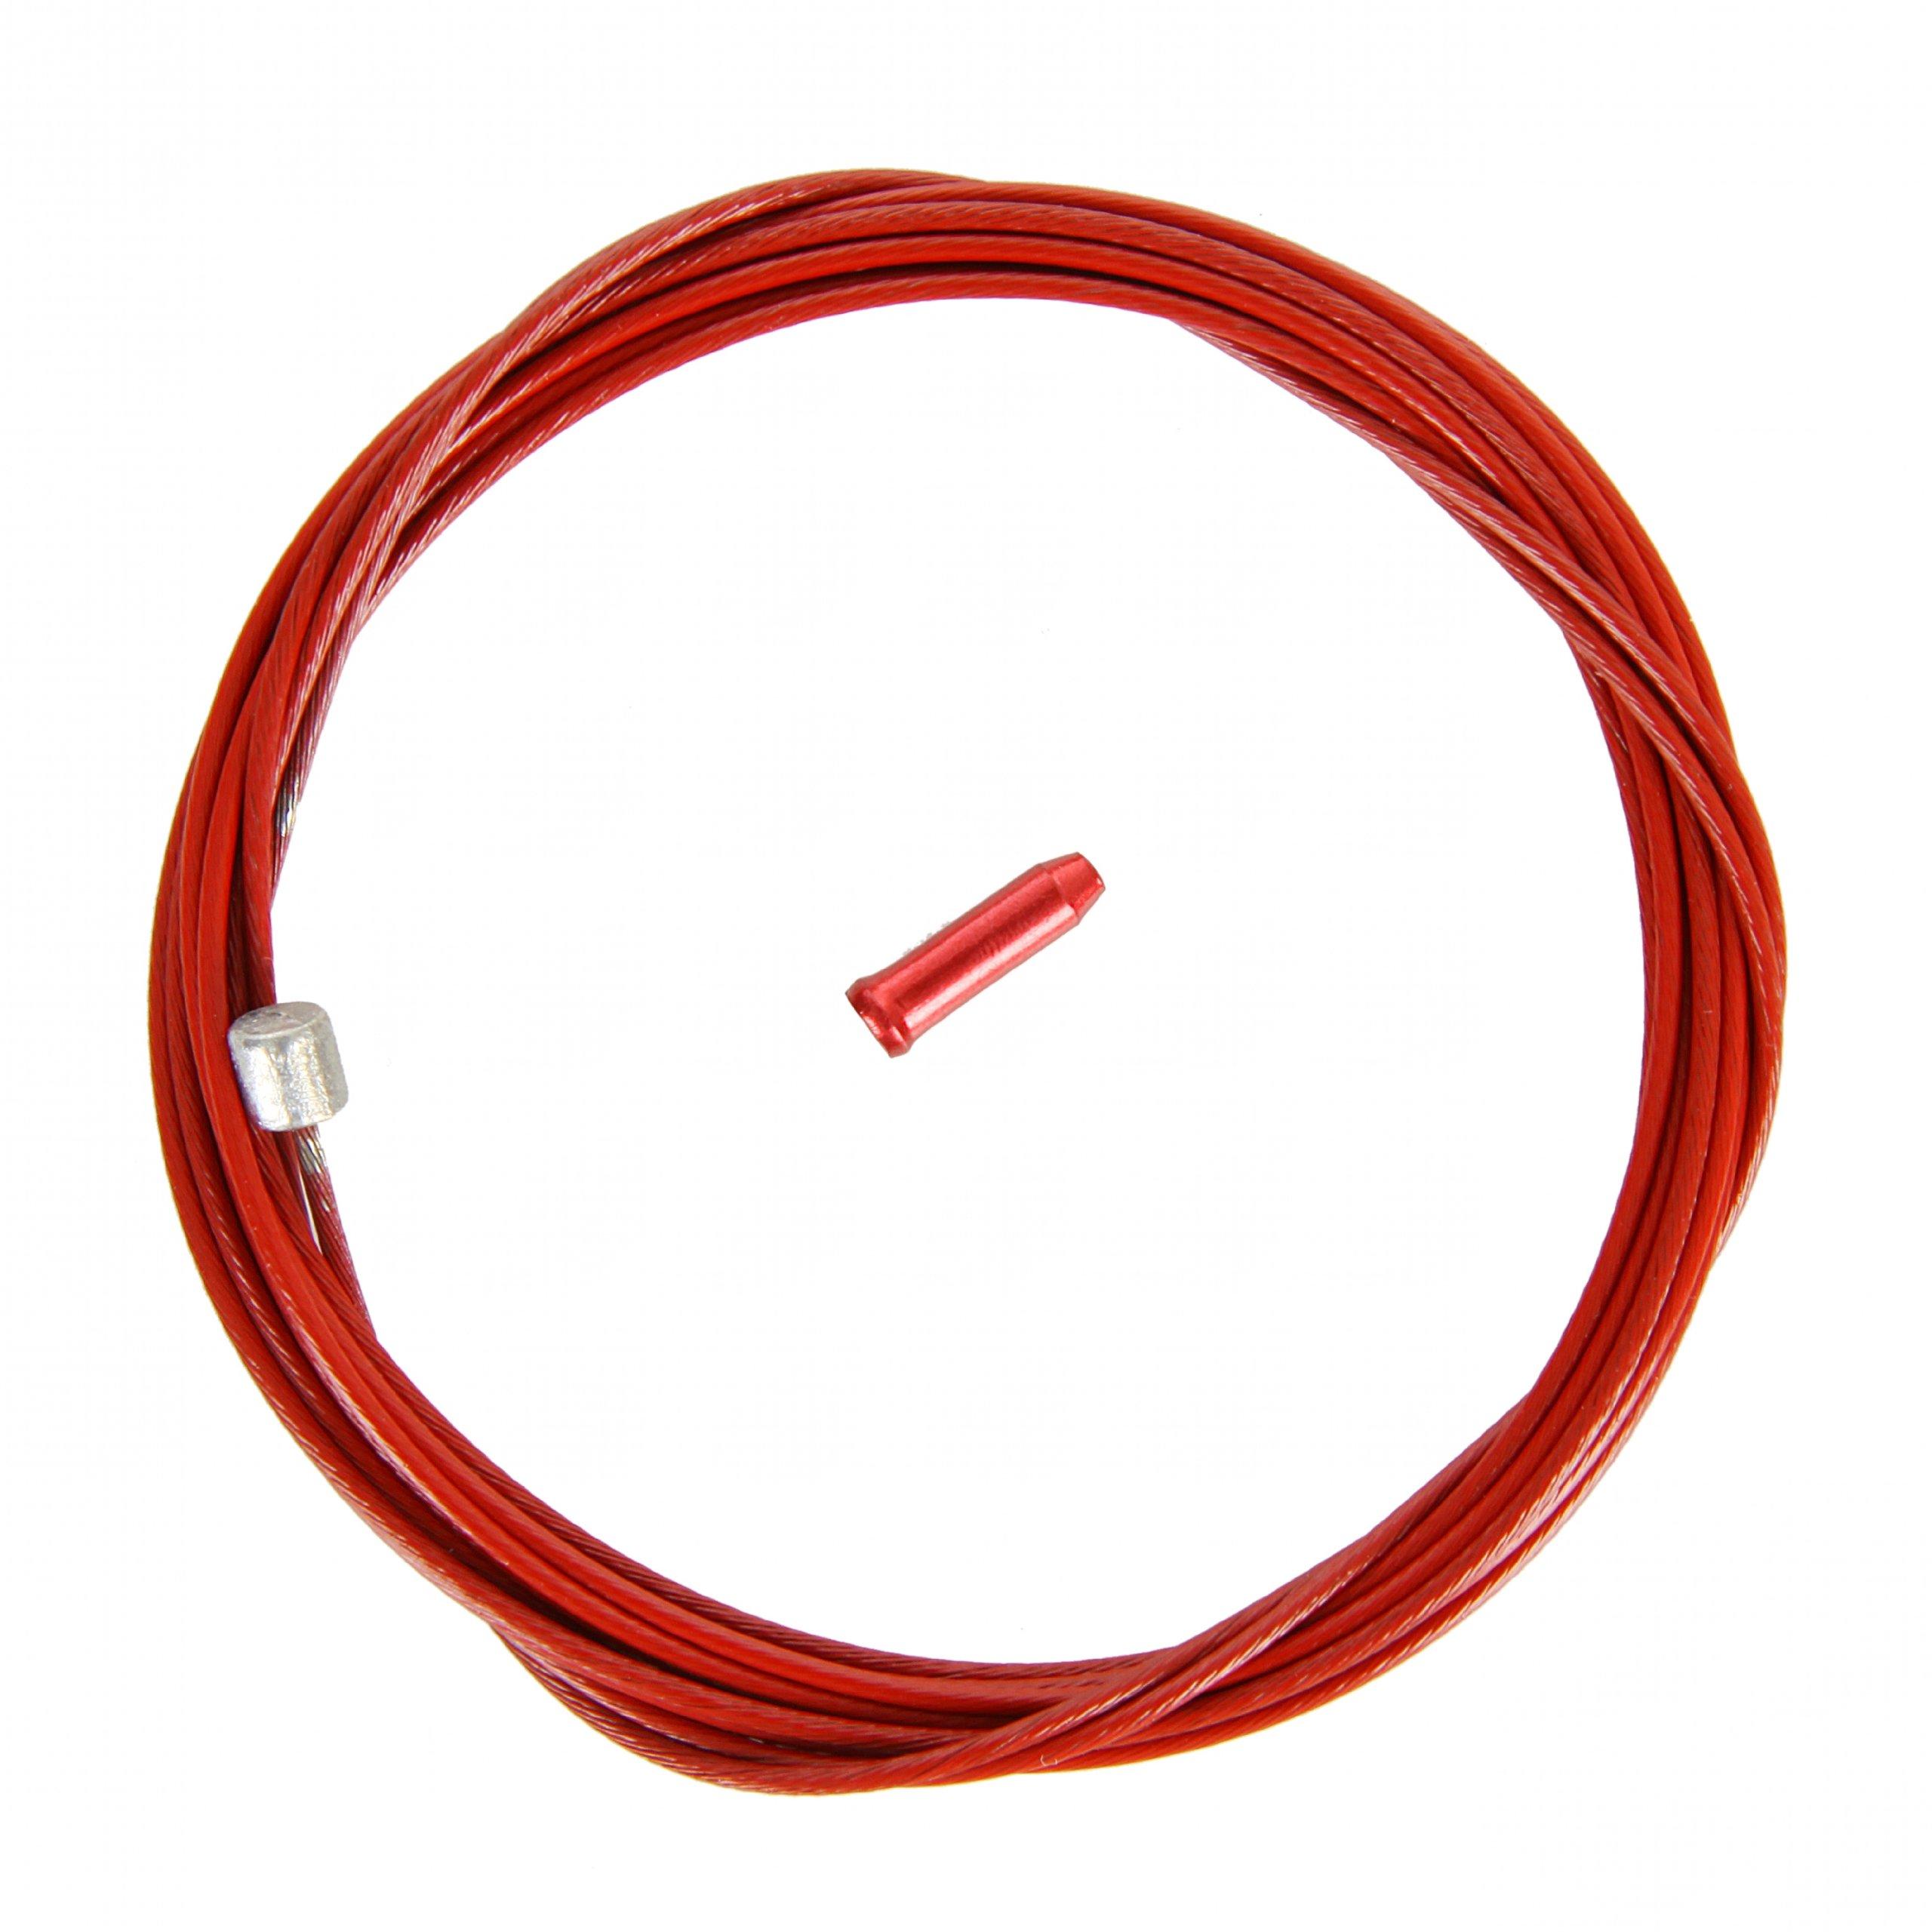 KCNC Road/MTB Shift Cable 2.1 m rojo Cable de cambio de bicicleta ...